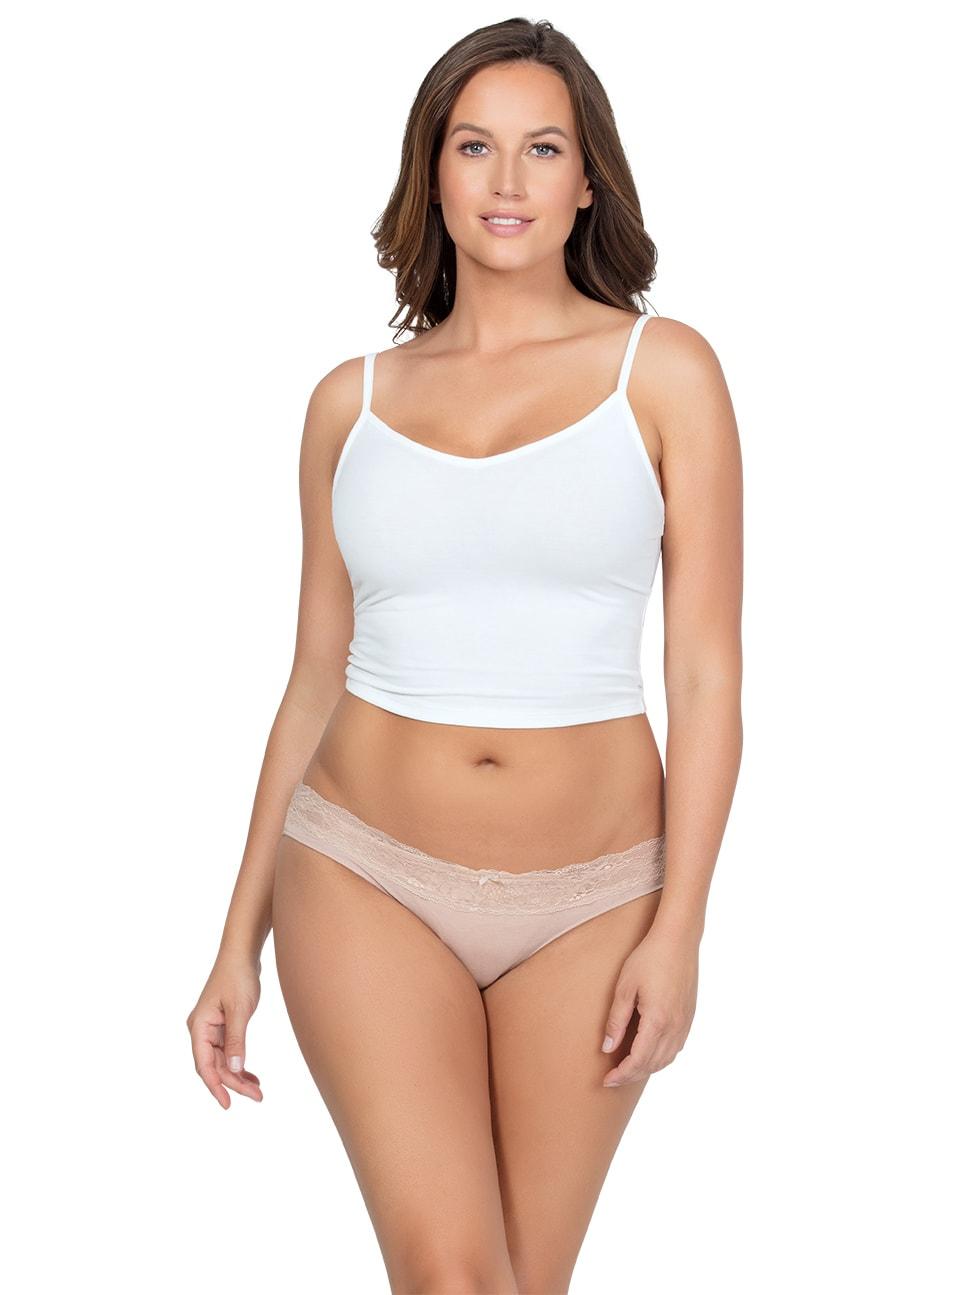 PARFAIT ParfaitPanty SoEssential BikiniPP303 Bare Front - Parfait Panty So Essential Bikini- Bare - PP303